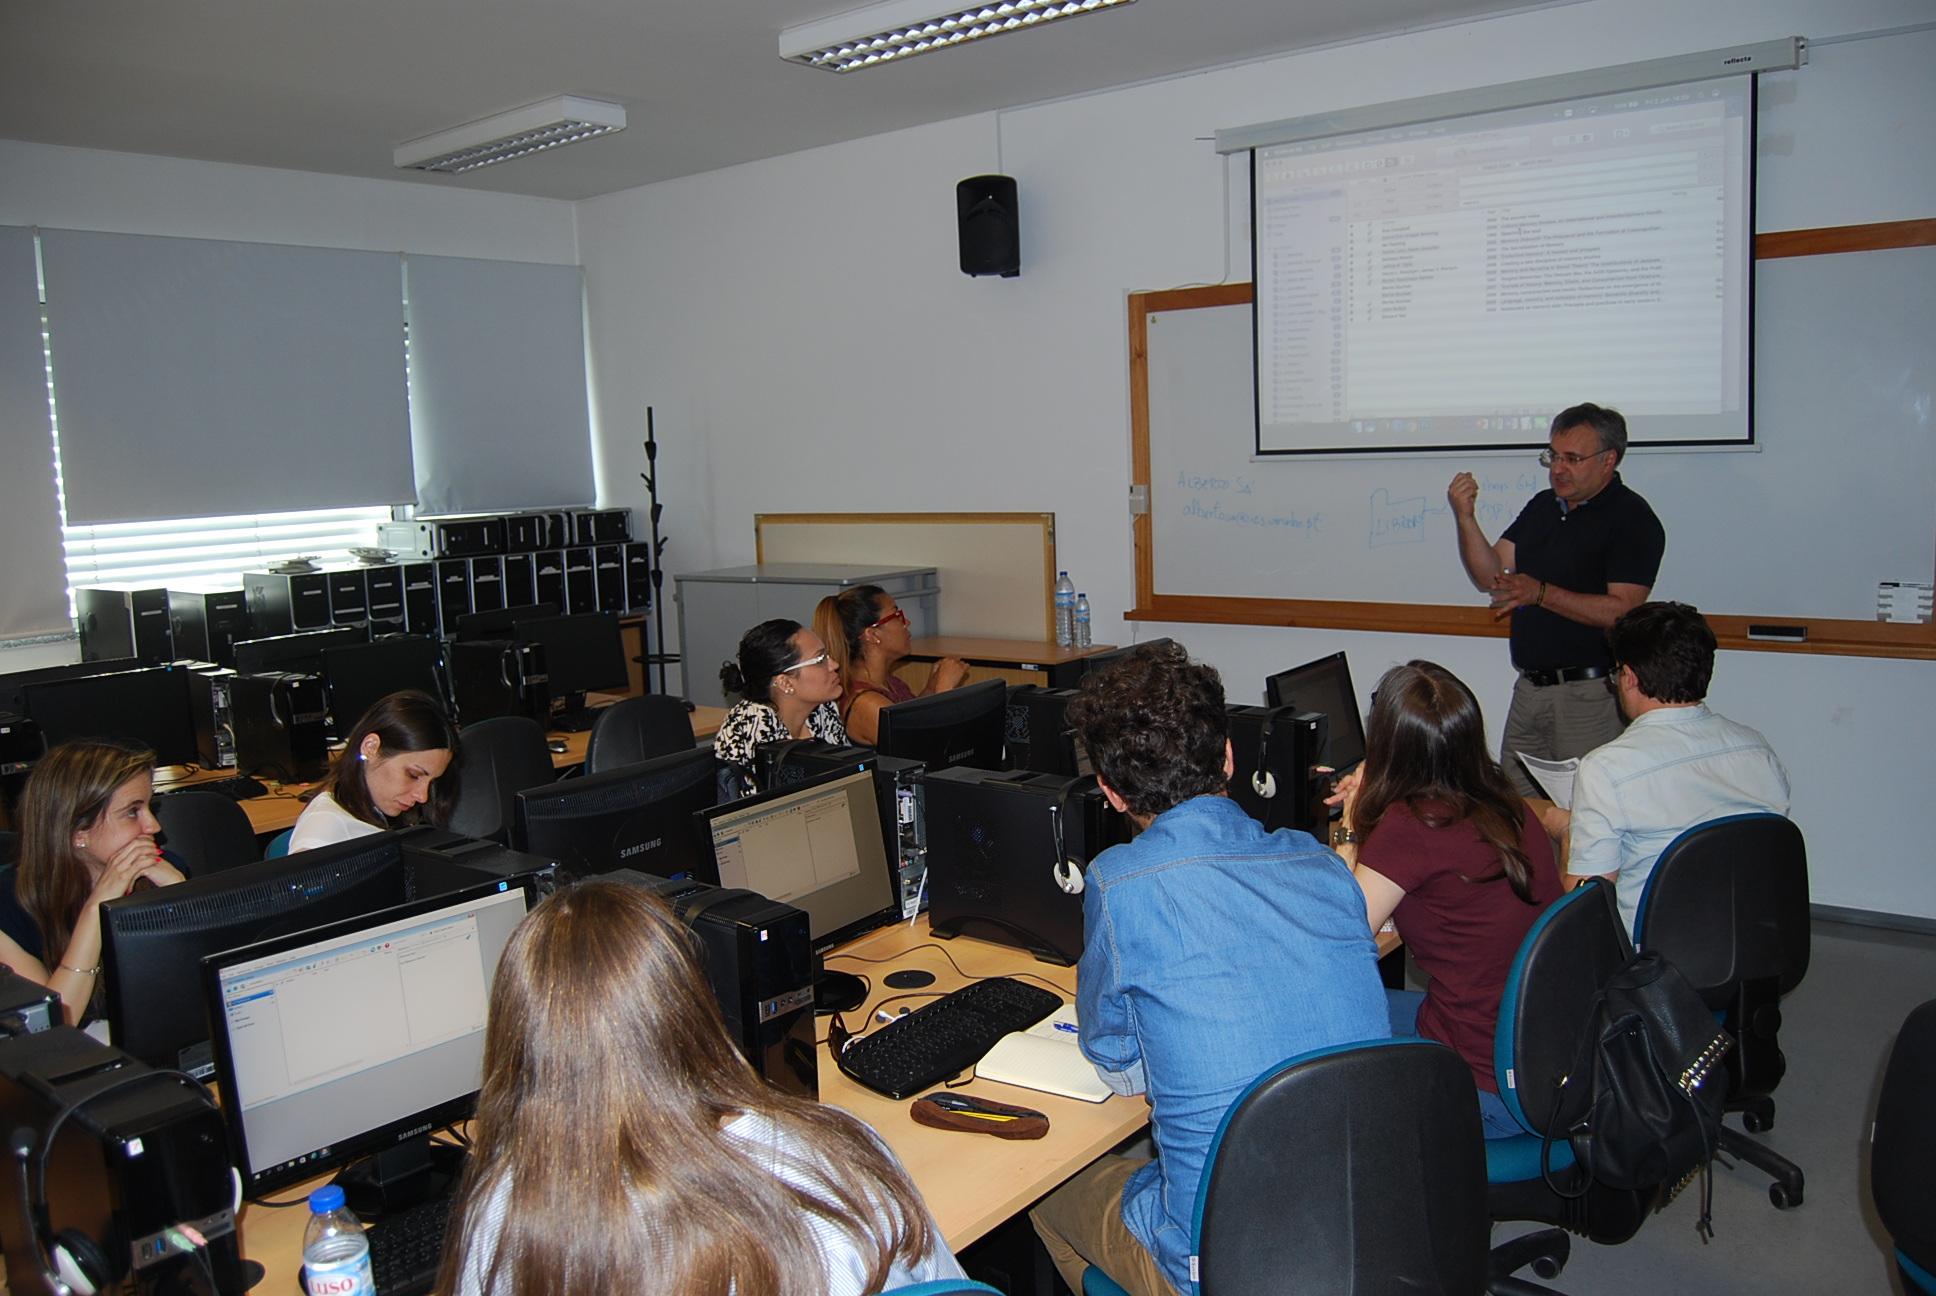 Ações de formação complementar do Doutoramento FCT em Estudos de Comunicação chegou ao fim